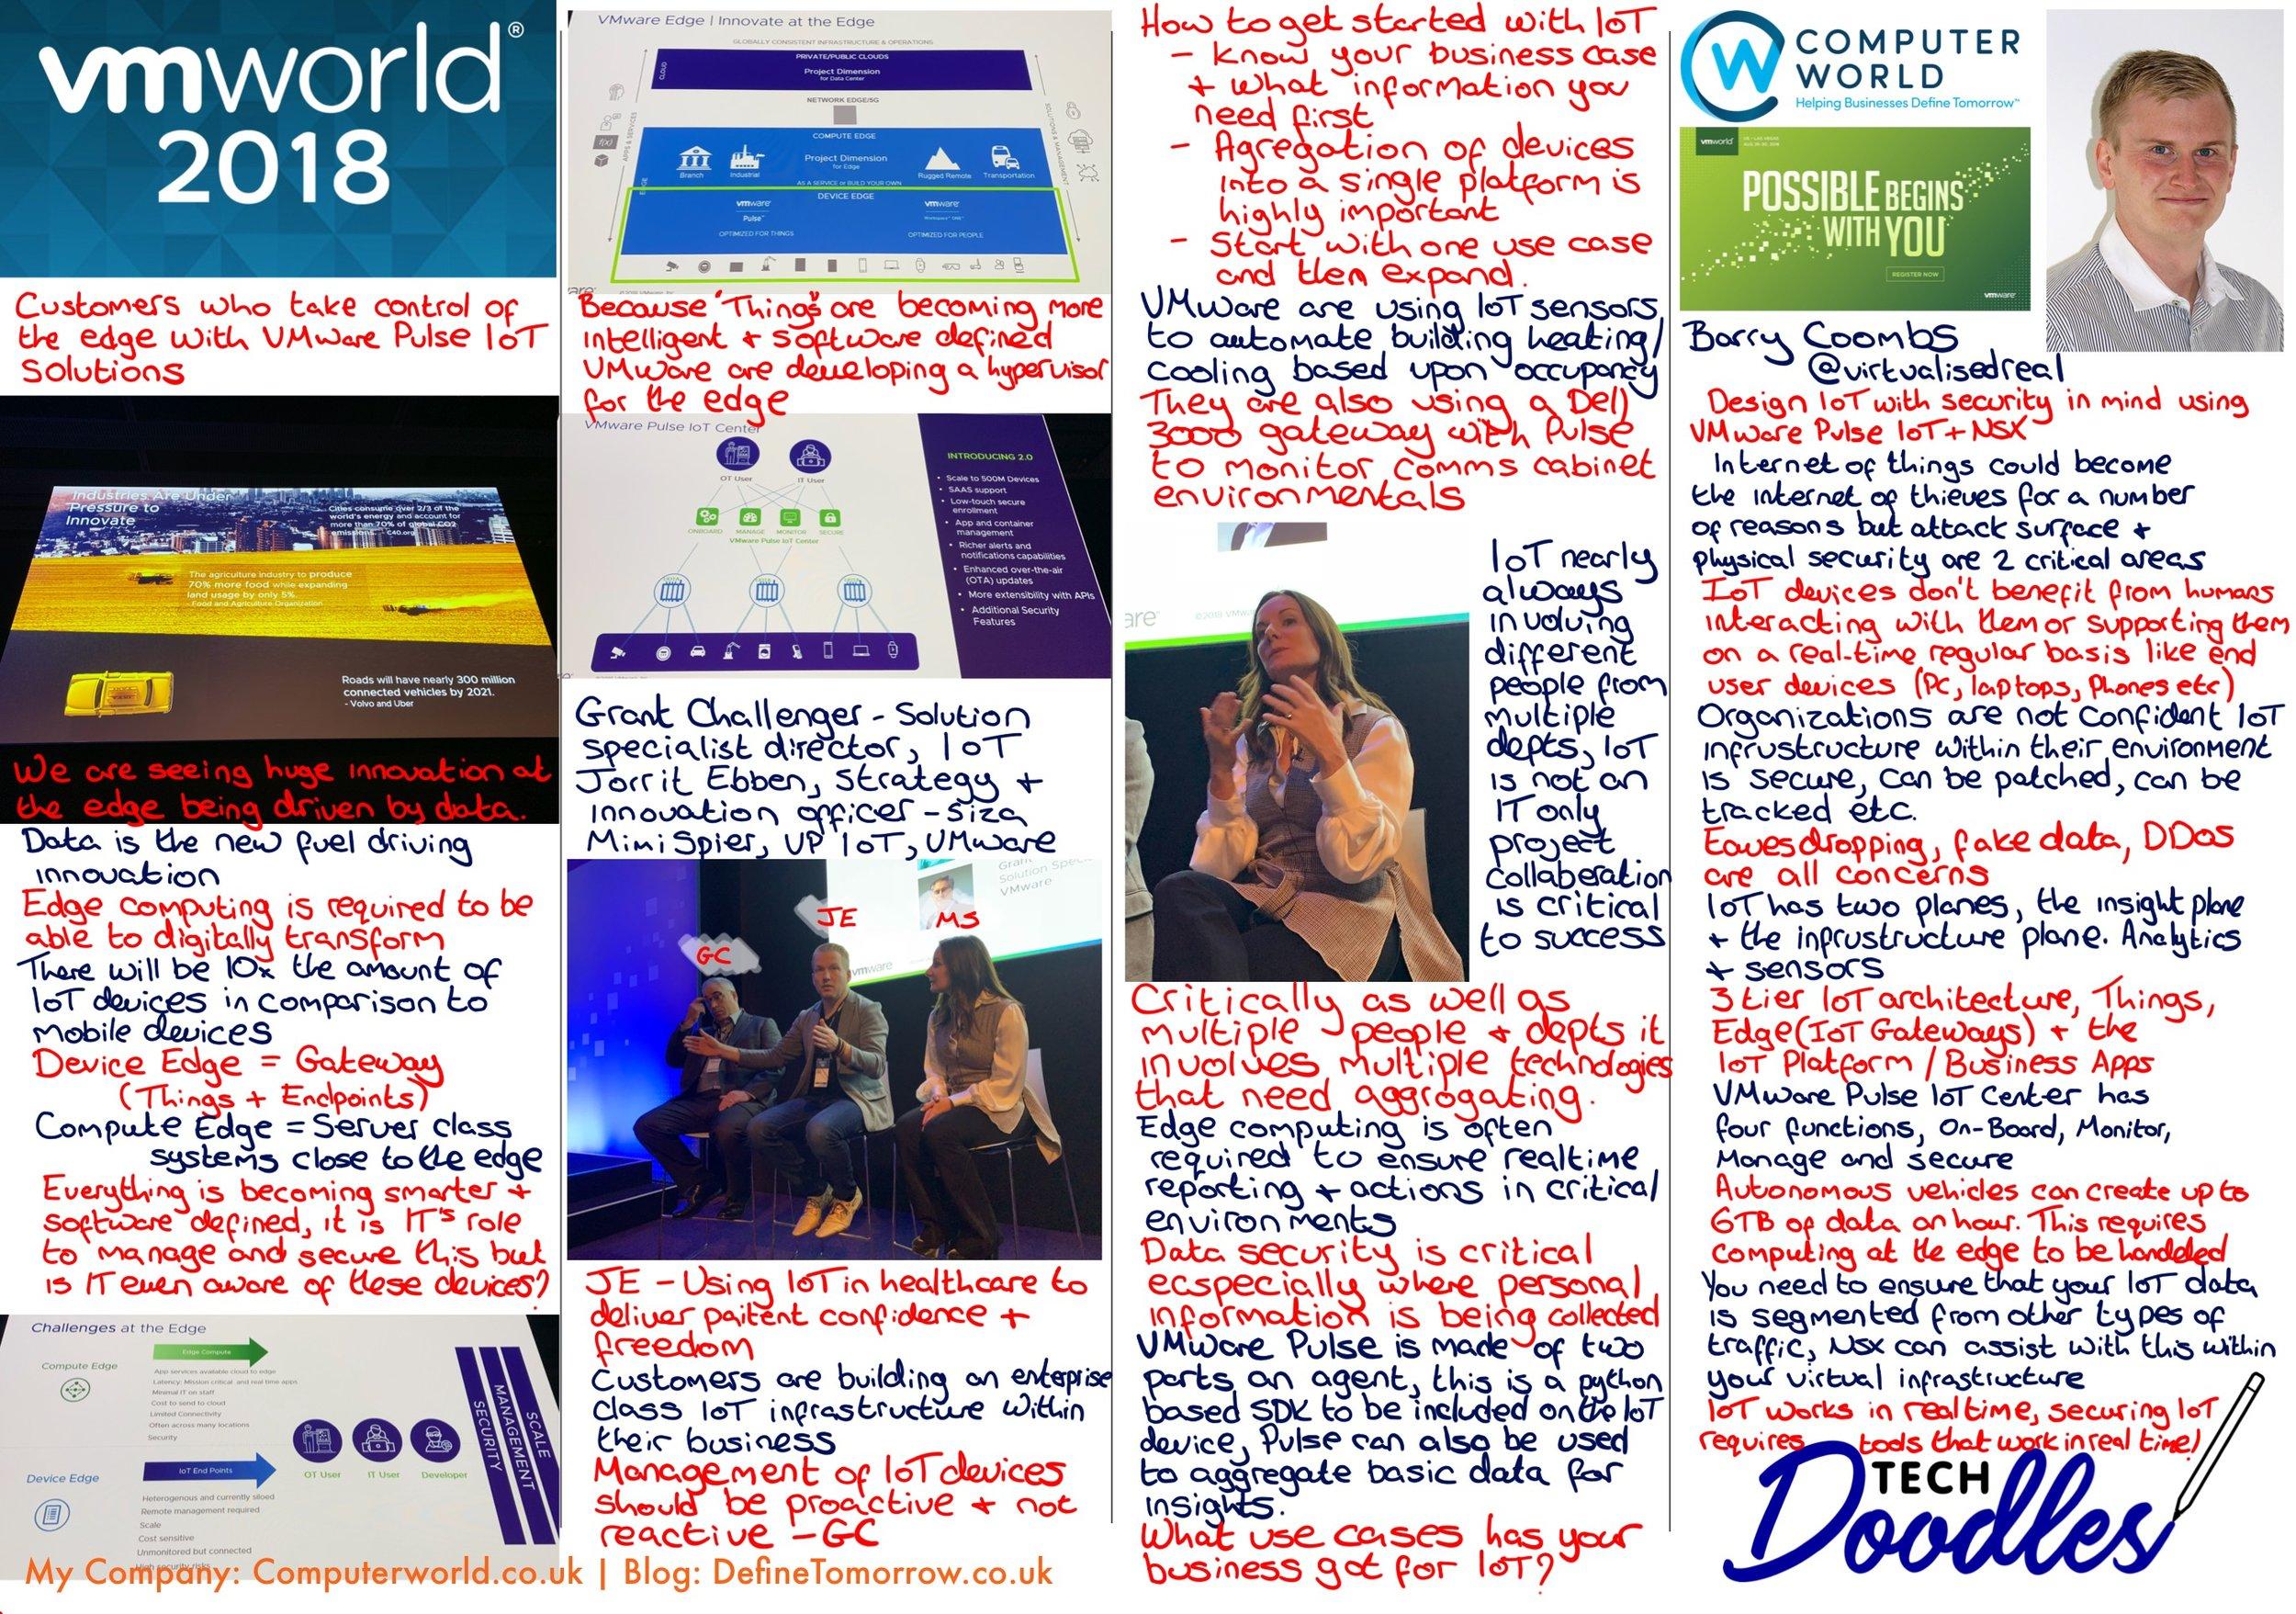 IoT at VMworld 2018 Doodle